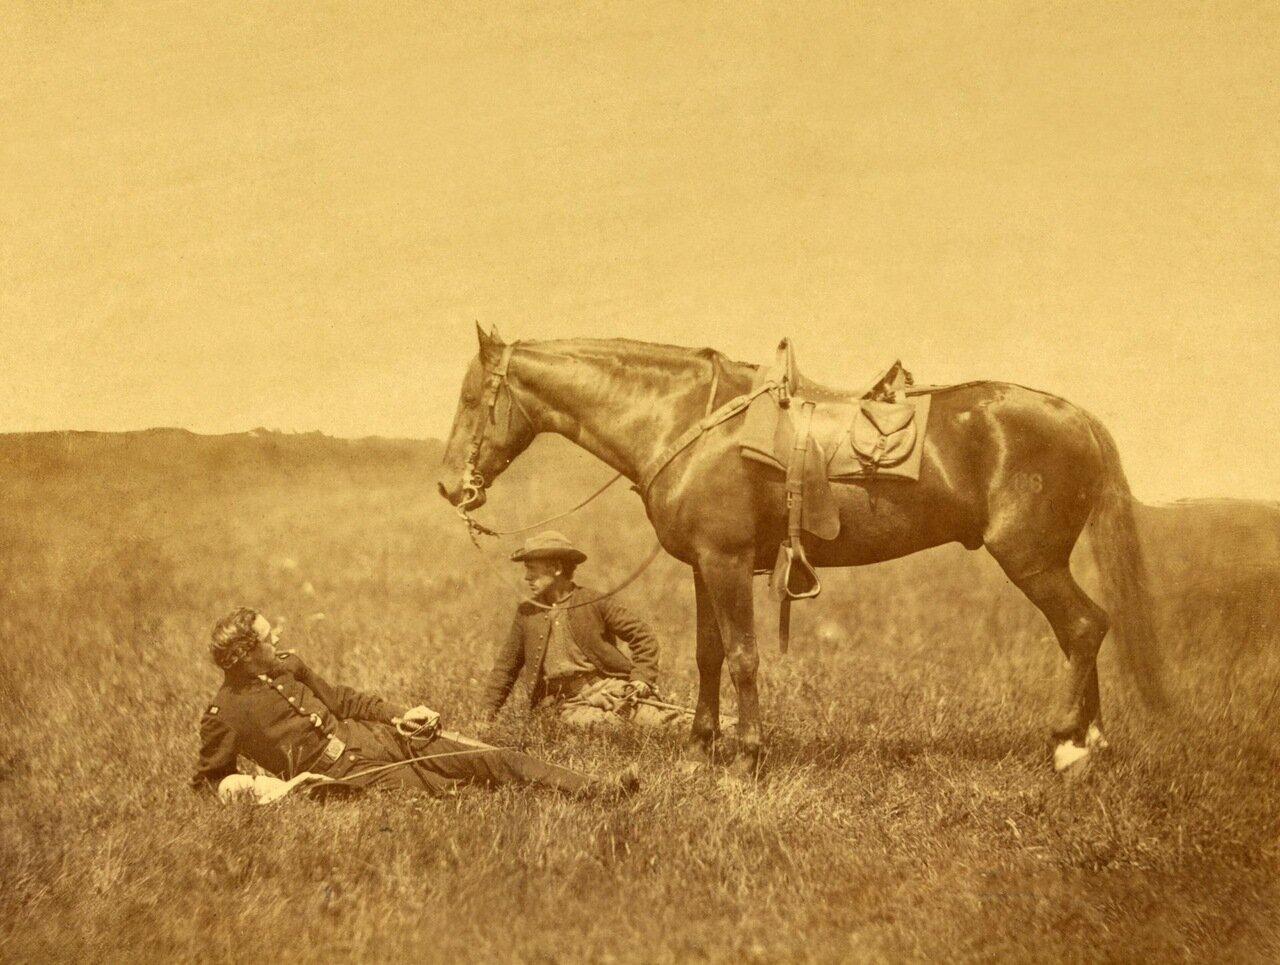 Бивуак, сцена возле Калпепера. Вирджиния. Май 1864 г.